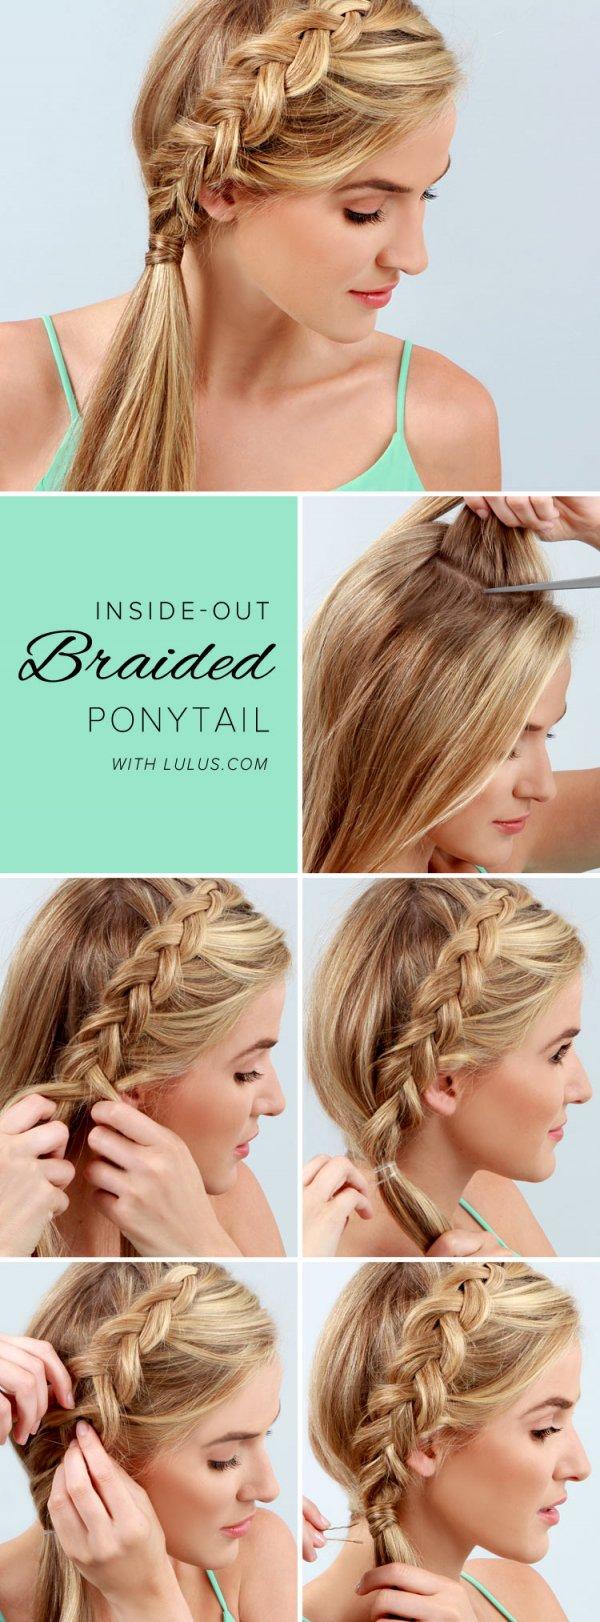 Cancer,hair,face,hairstyle,braid,